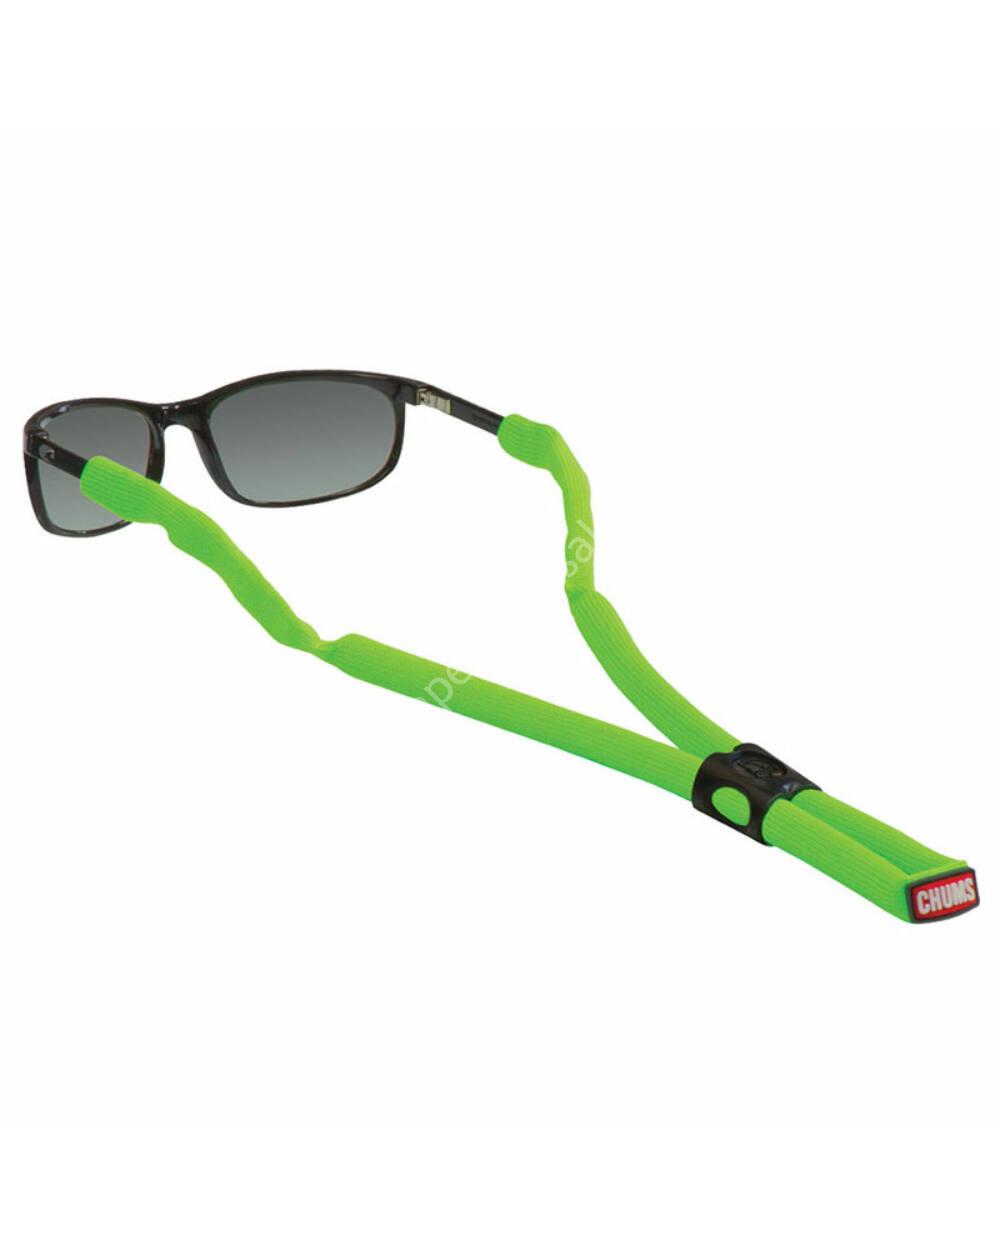 Chums Glassfloat Classic szemüvegpánt, neonzöld